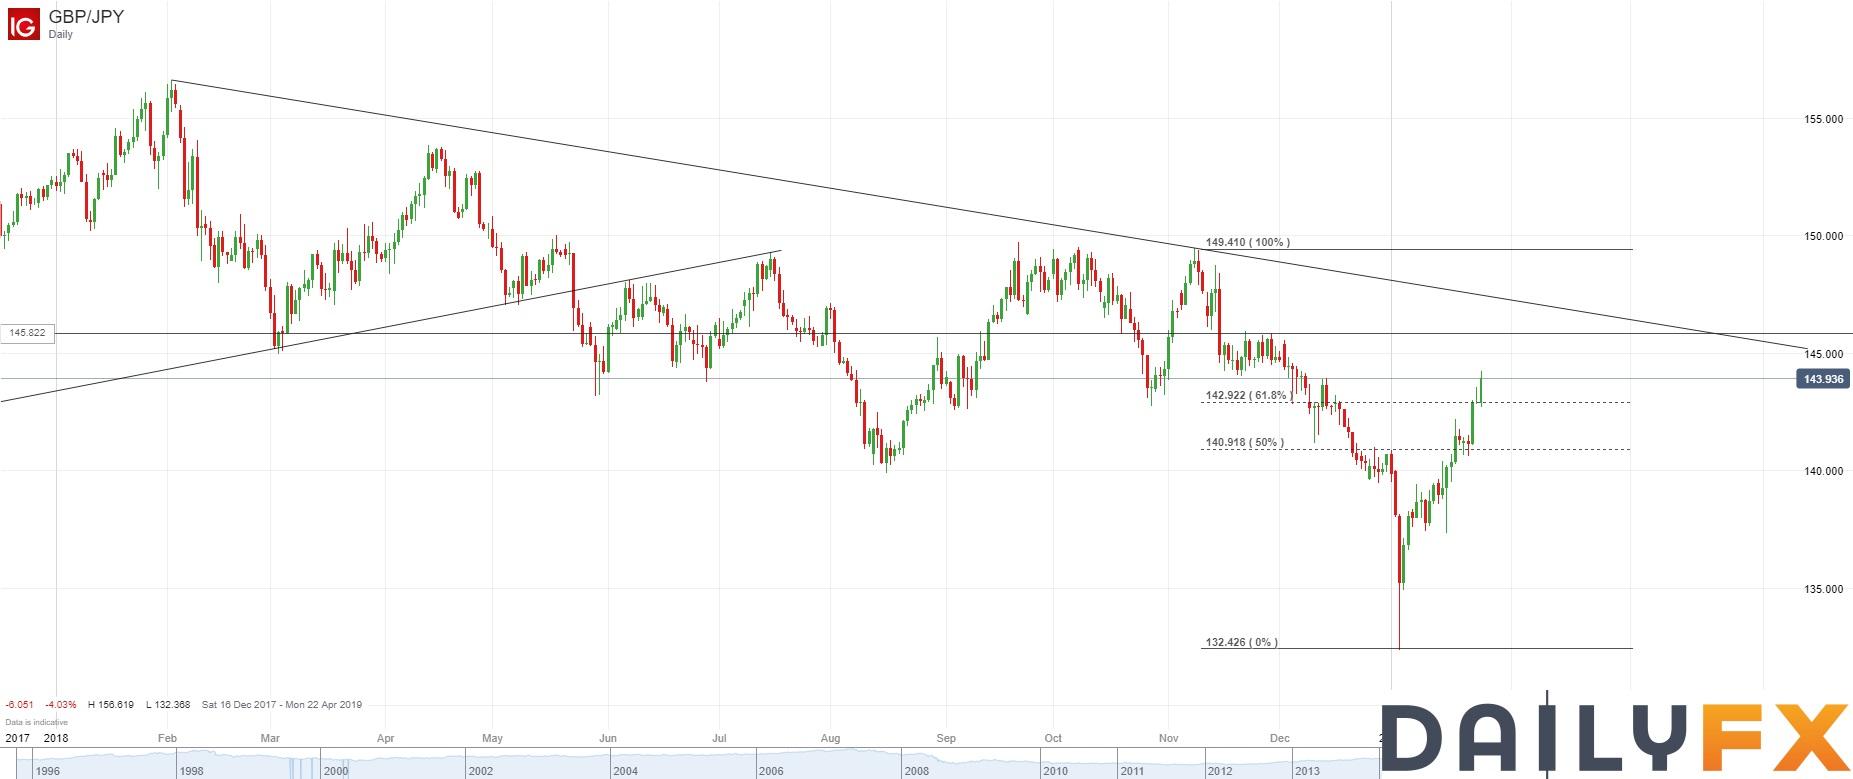 英镑/日元技术分析:升势完好,下一阻力关注200日均线等位